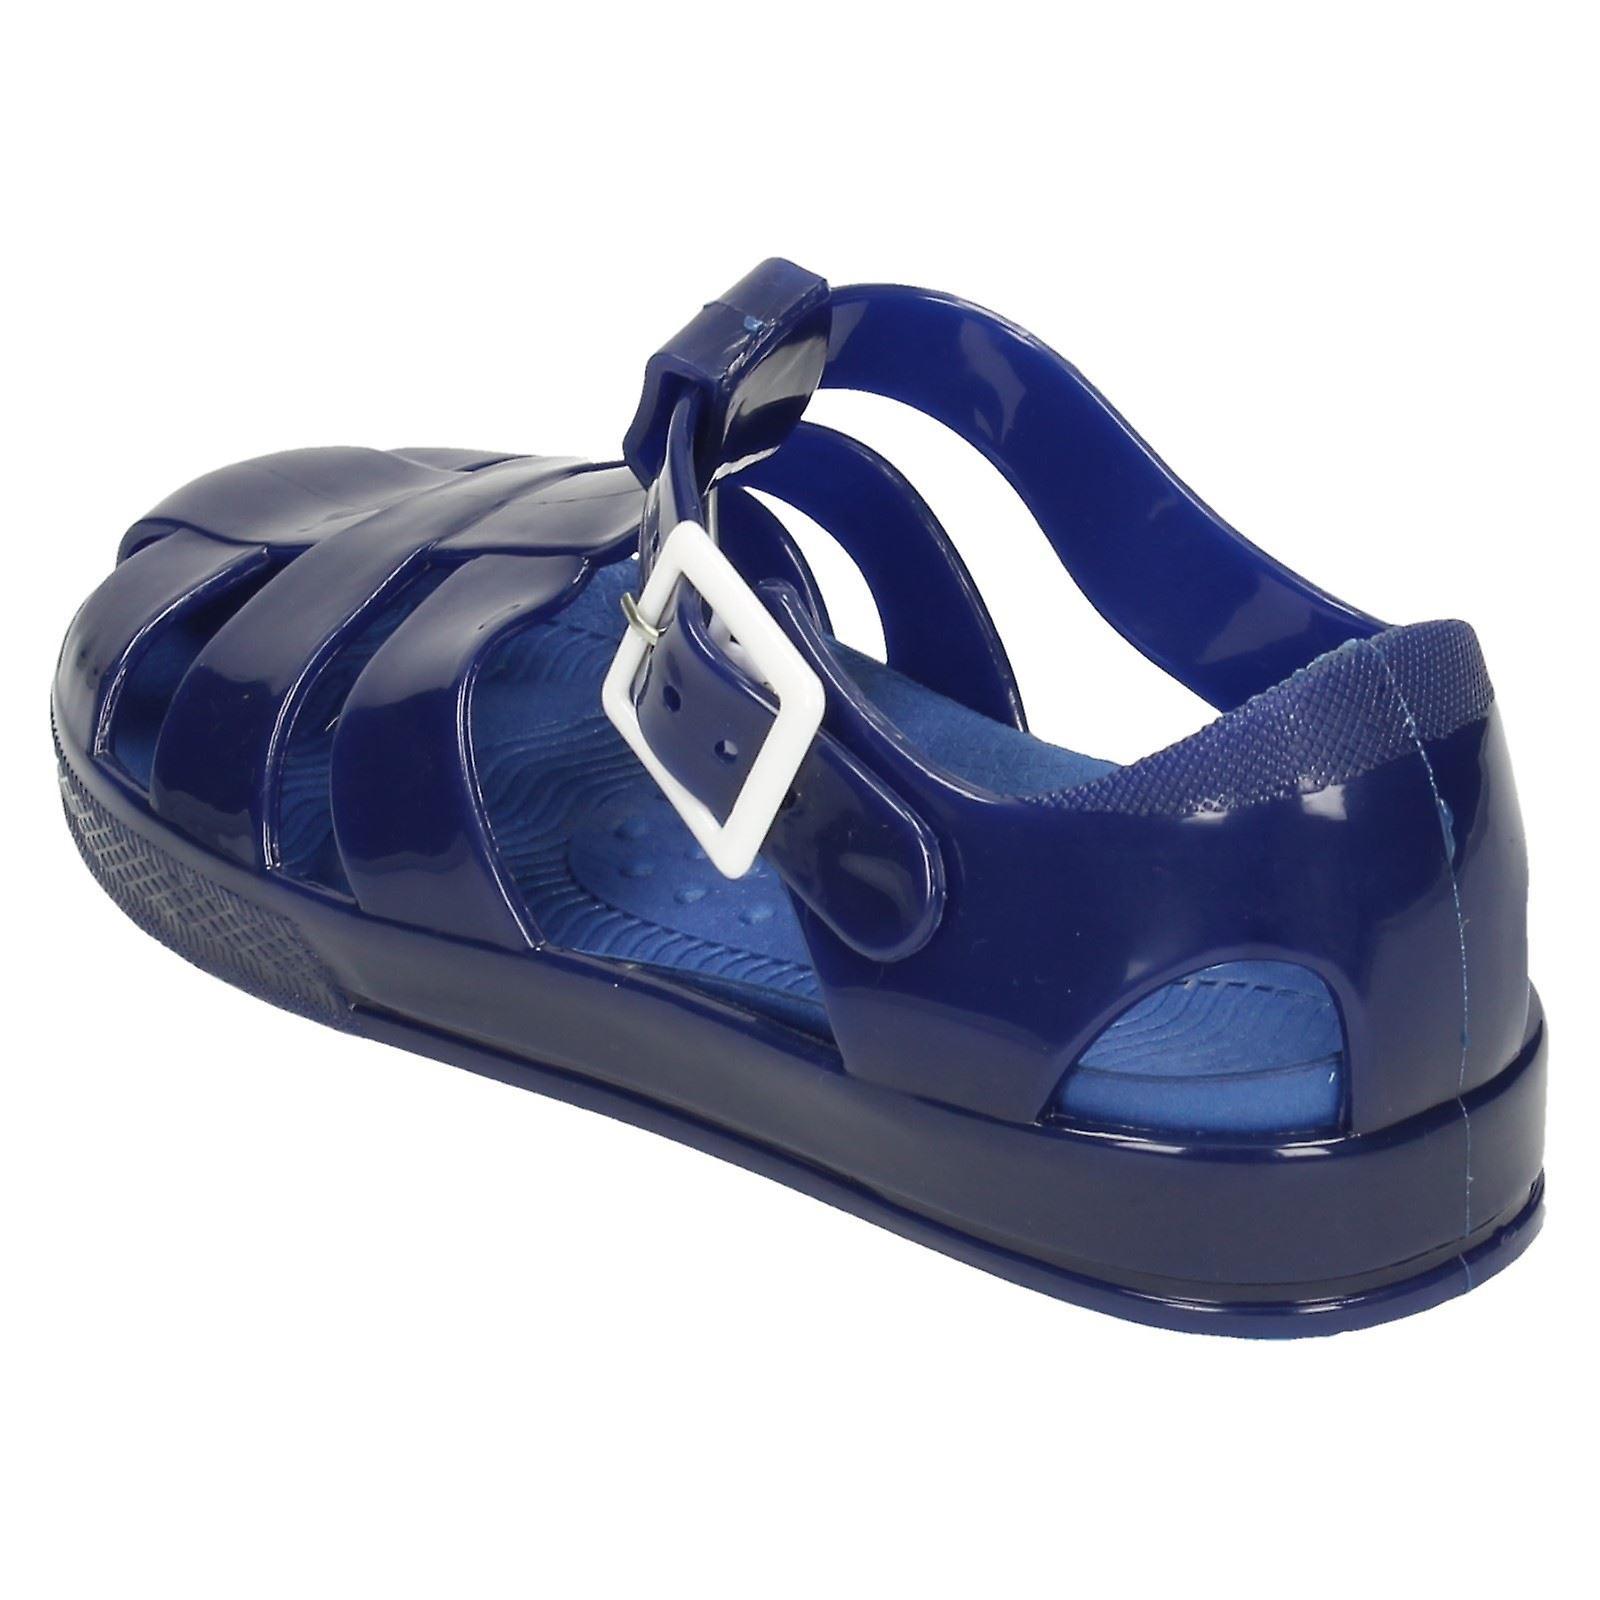 les filles gelée bien plat h1075 gelée filles occasionnels des chaussures 01642d